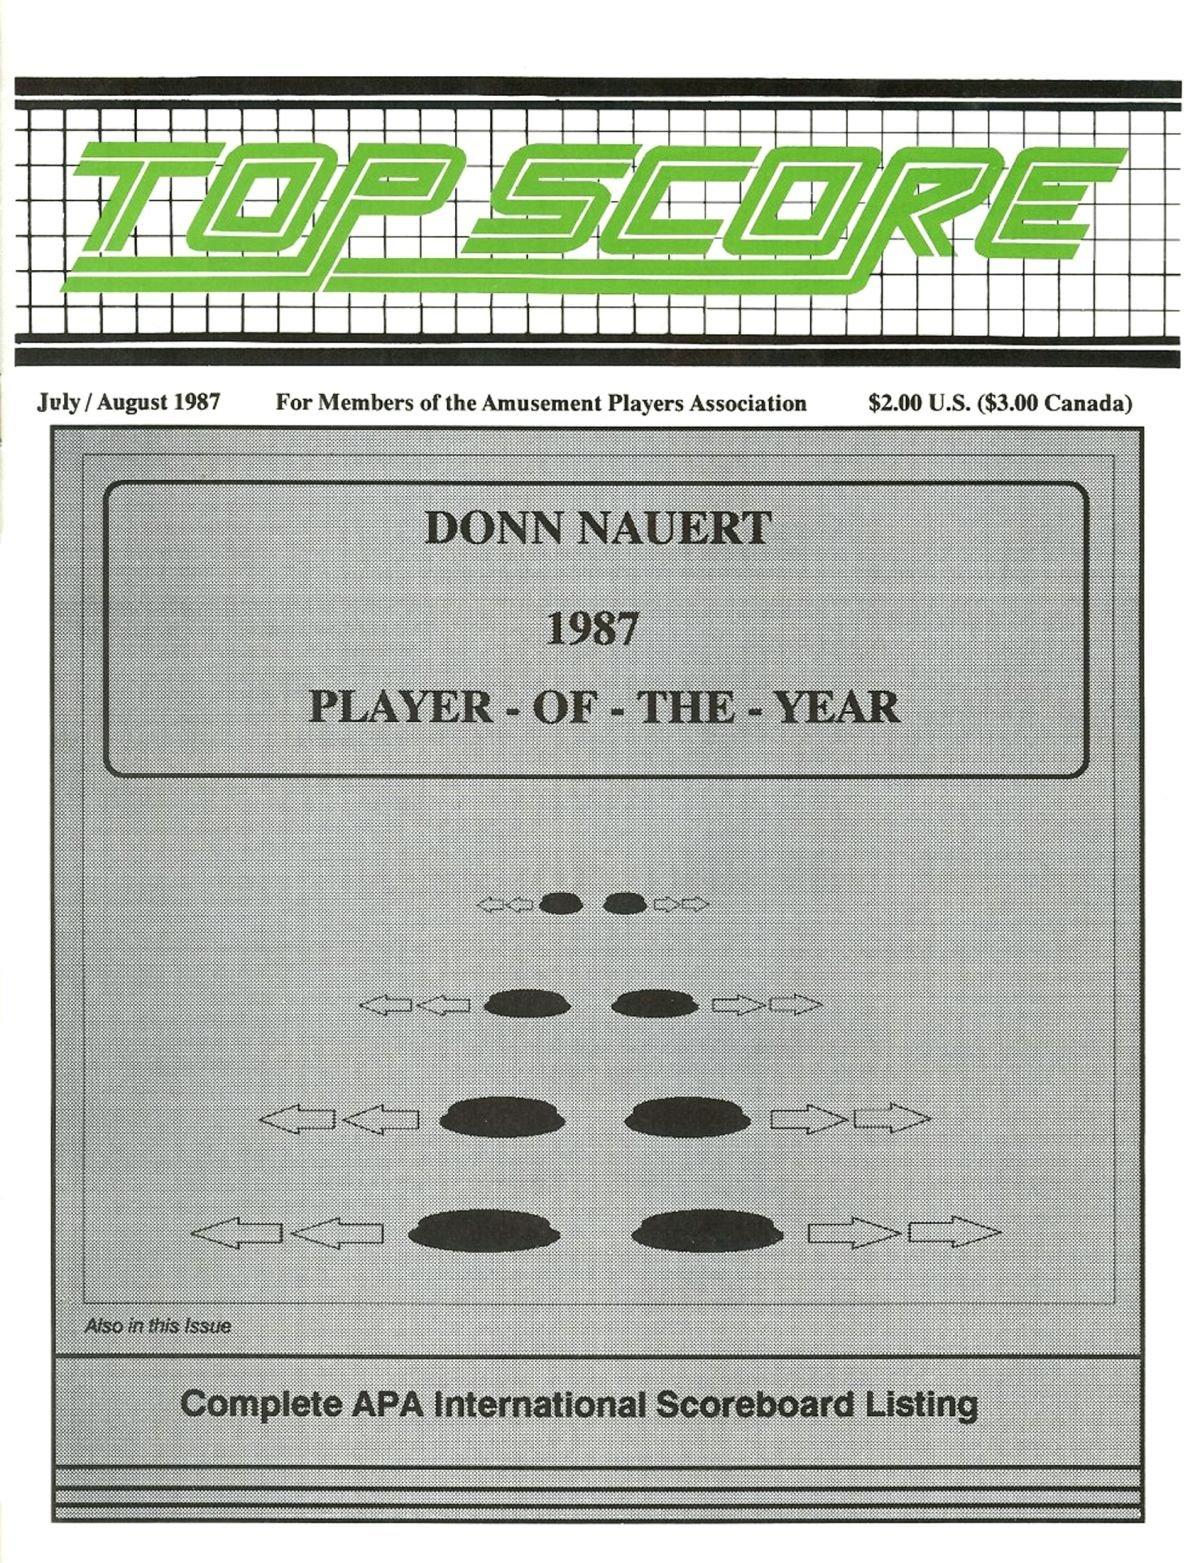 Top Score July August 1987